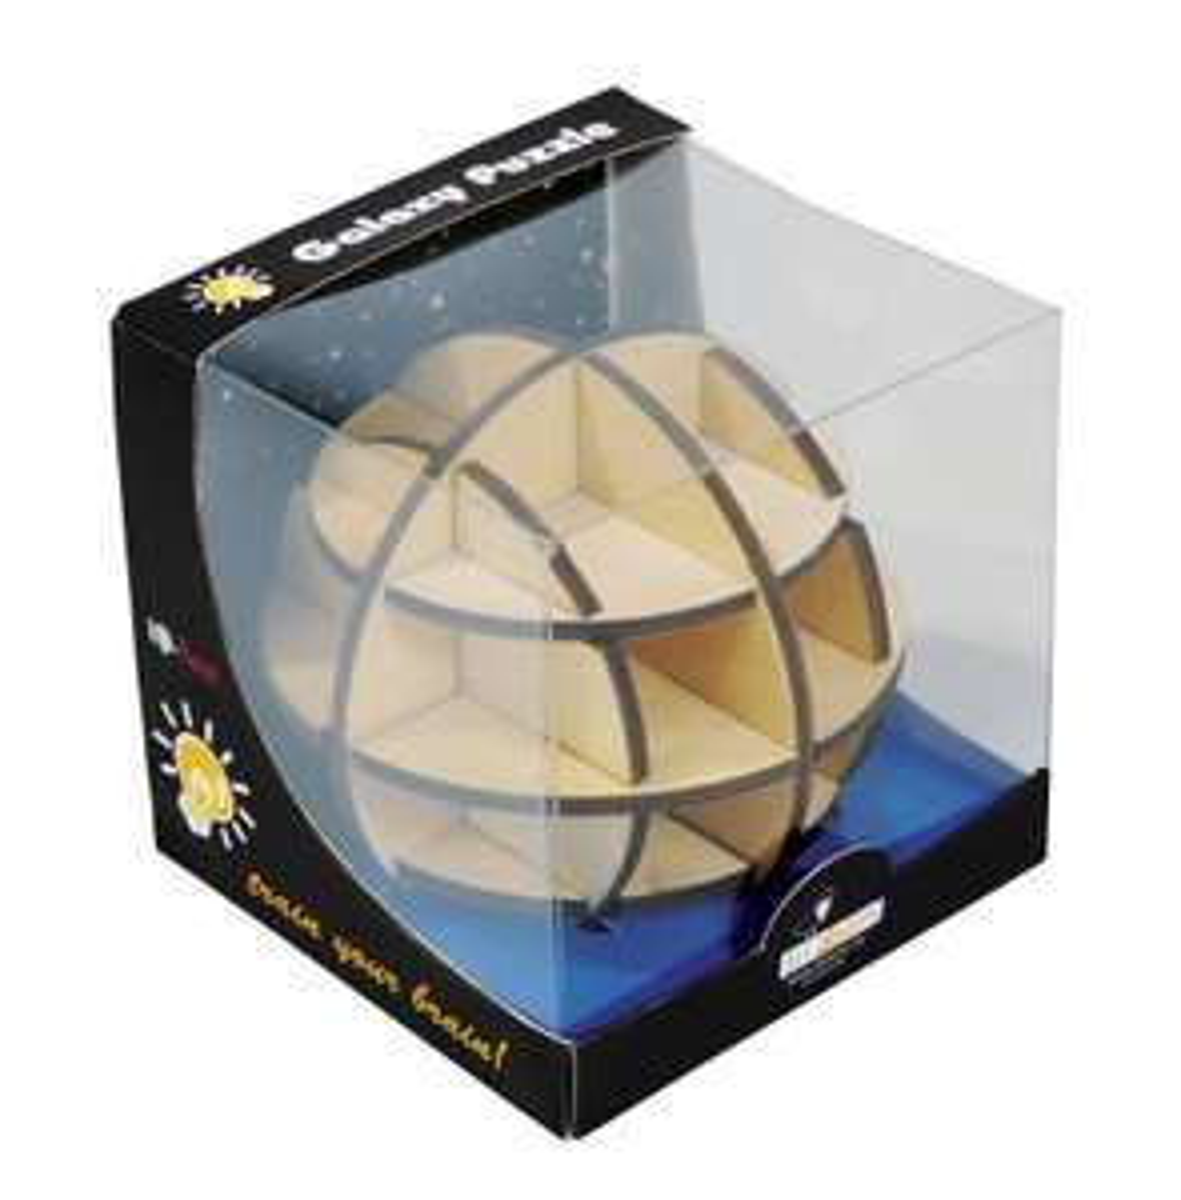 Prix coûtant sur une sélection de jouets - Ex : Casse-tête en bois Galaxy Gigamic